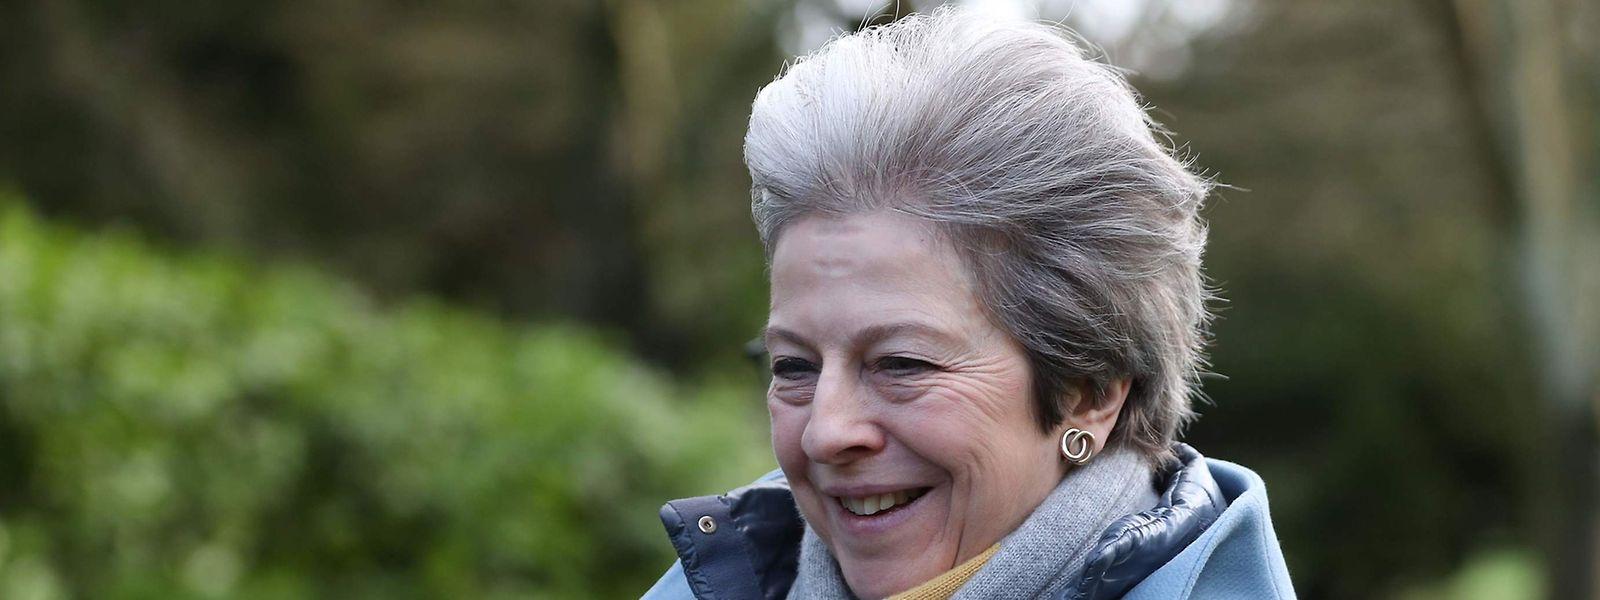 Theresa May s'est lancée dans une bataille sur deux fronts: d'un côté pour tenter d'obtenir des concessions de l'Union européenne, de l'autre côté pour essayer de convaincre les parlementaires de changer d'avis.